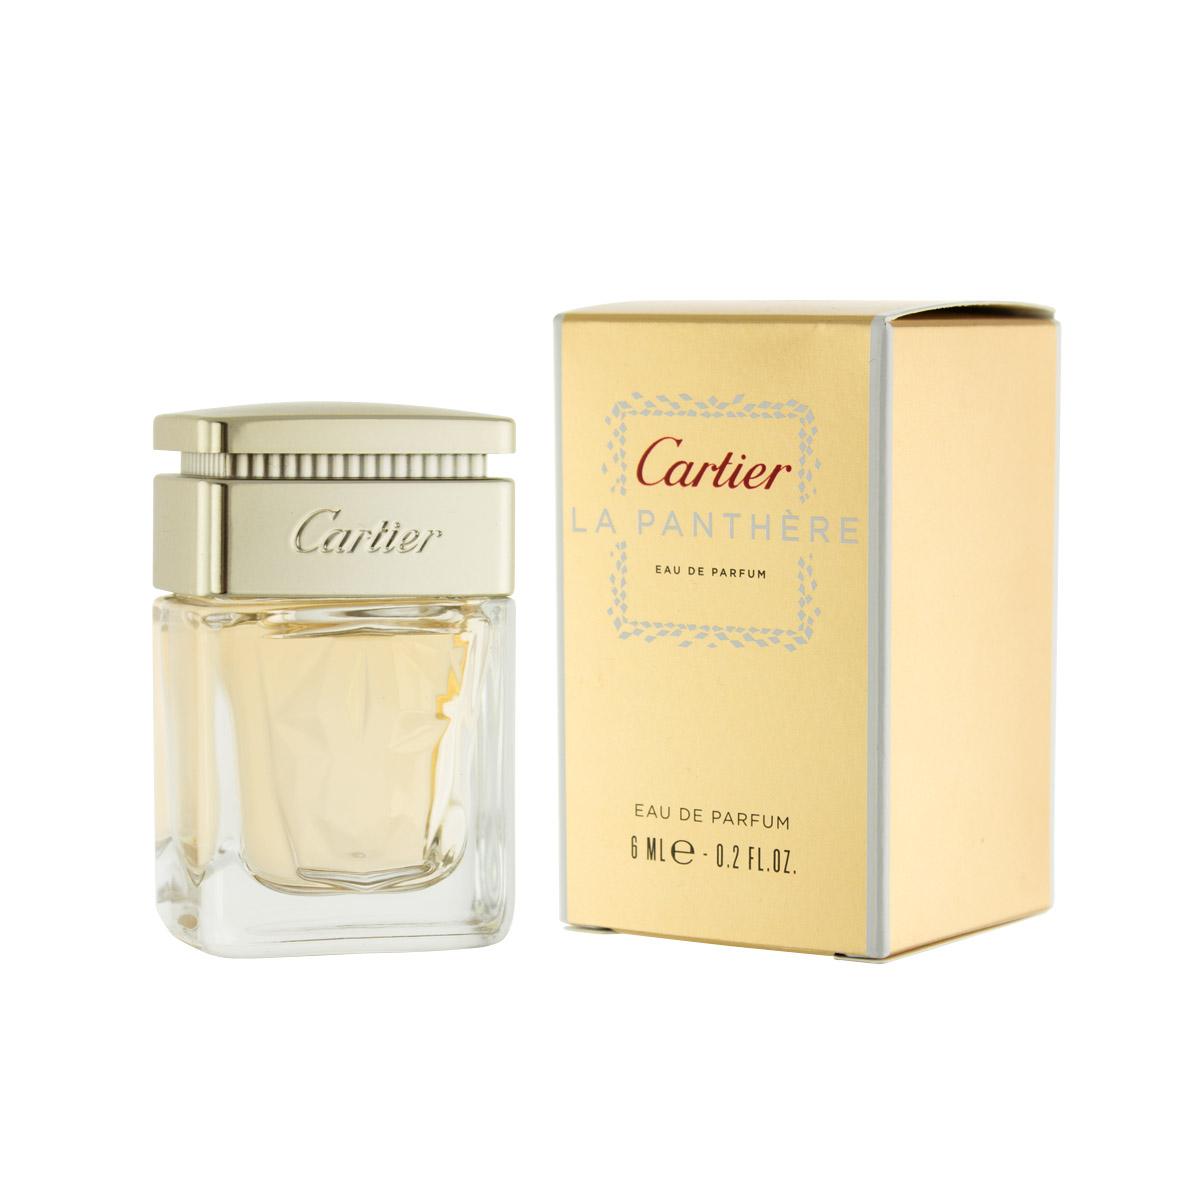 Cartier La Panthère EDP MINI 6 ml W